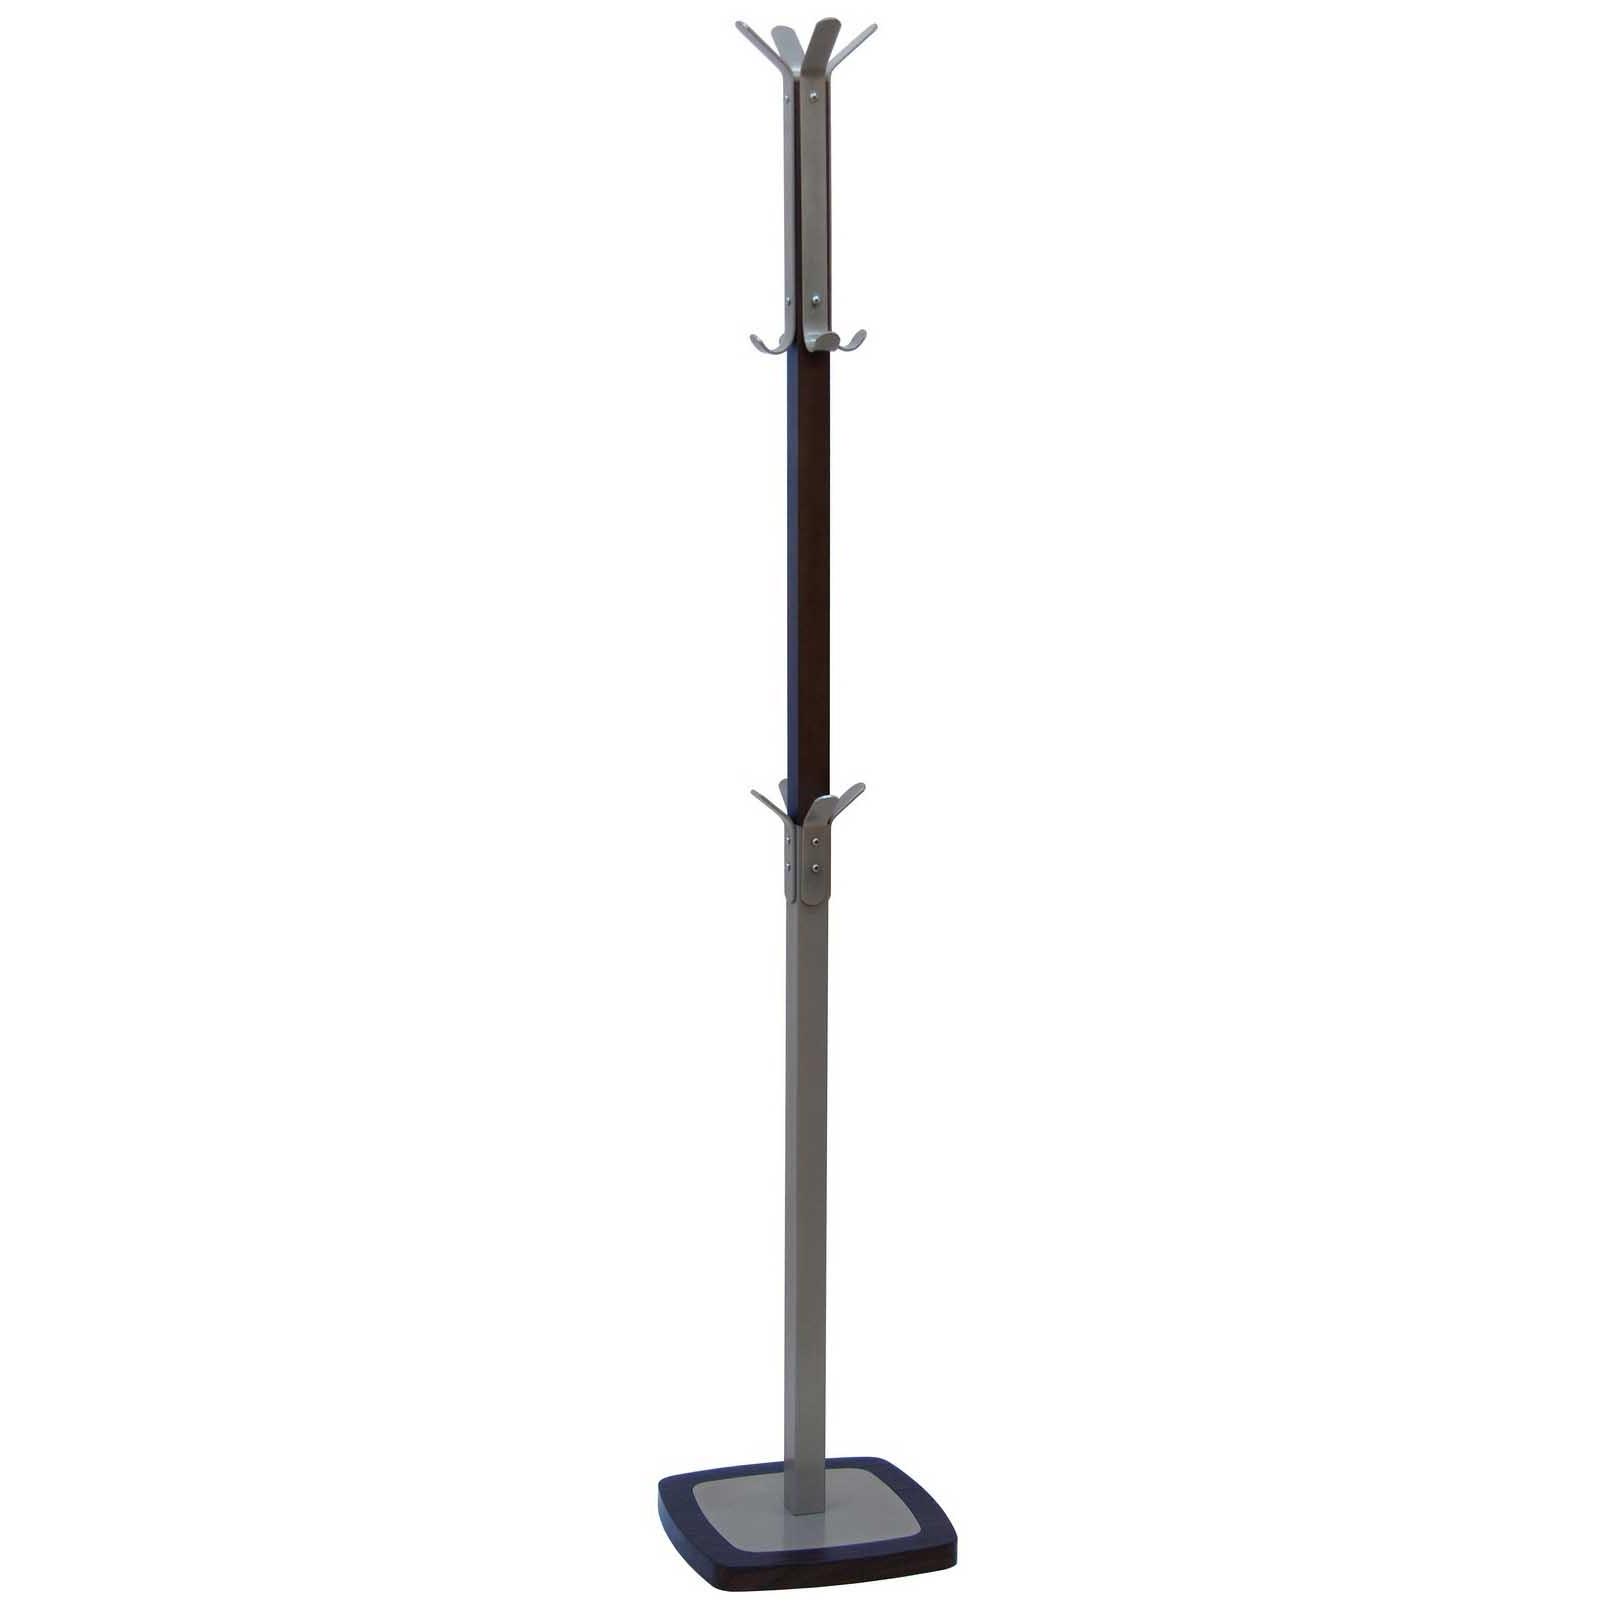 Вешалка напольная Мебелик Босс 1 Металлик/Темно коричневый